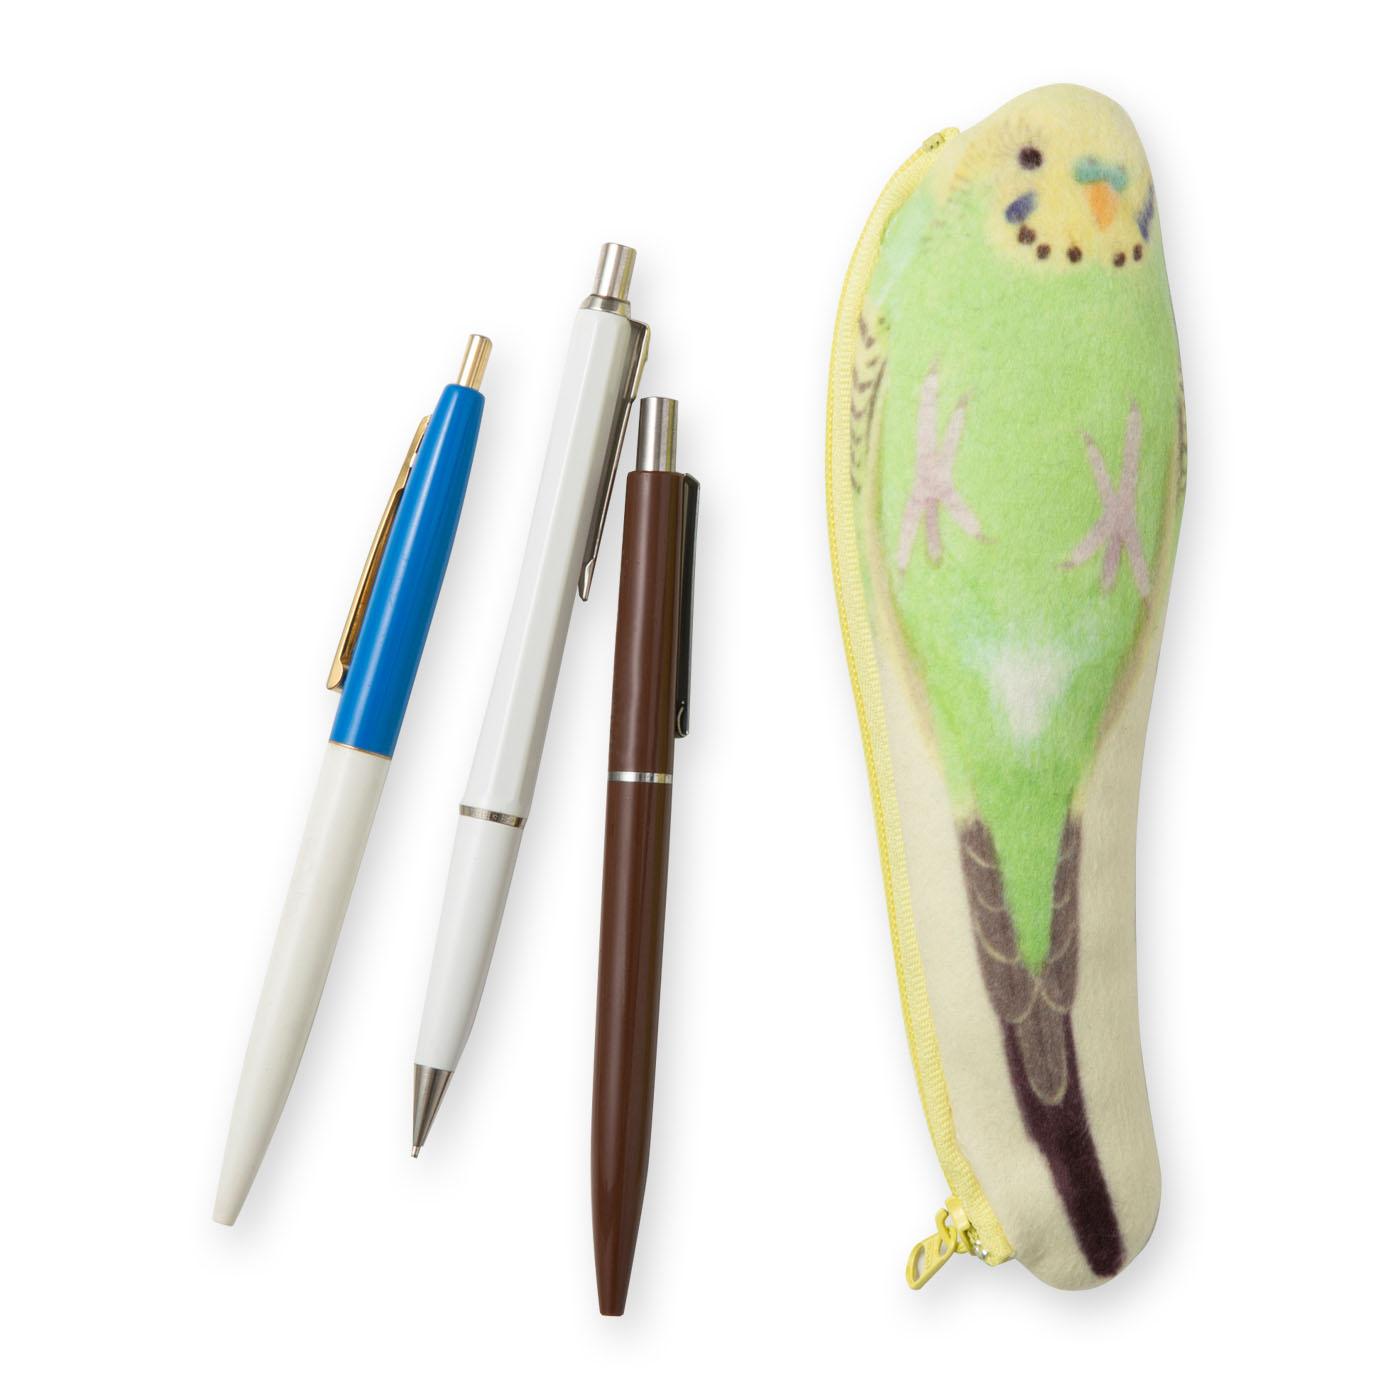 〈セキセイインコ グリーン〉ボールペン2〜3本を入れると、本物のインコとほぼ同じ重さになってリアル。